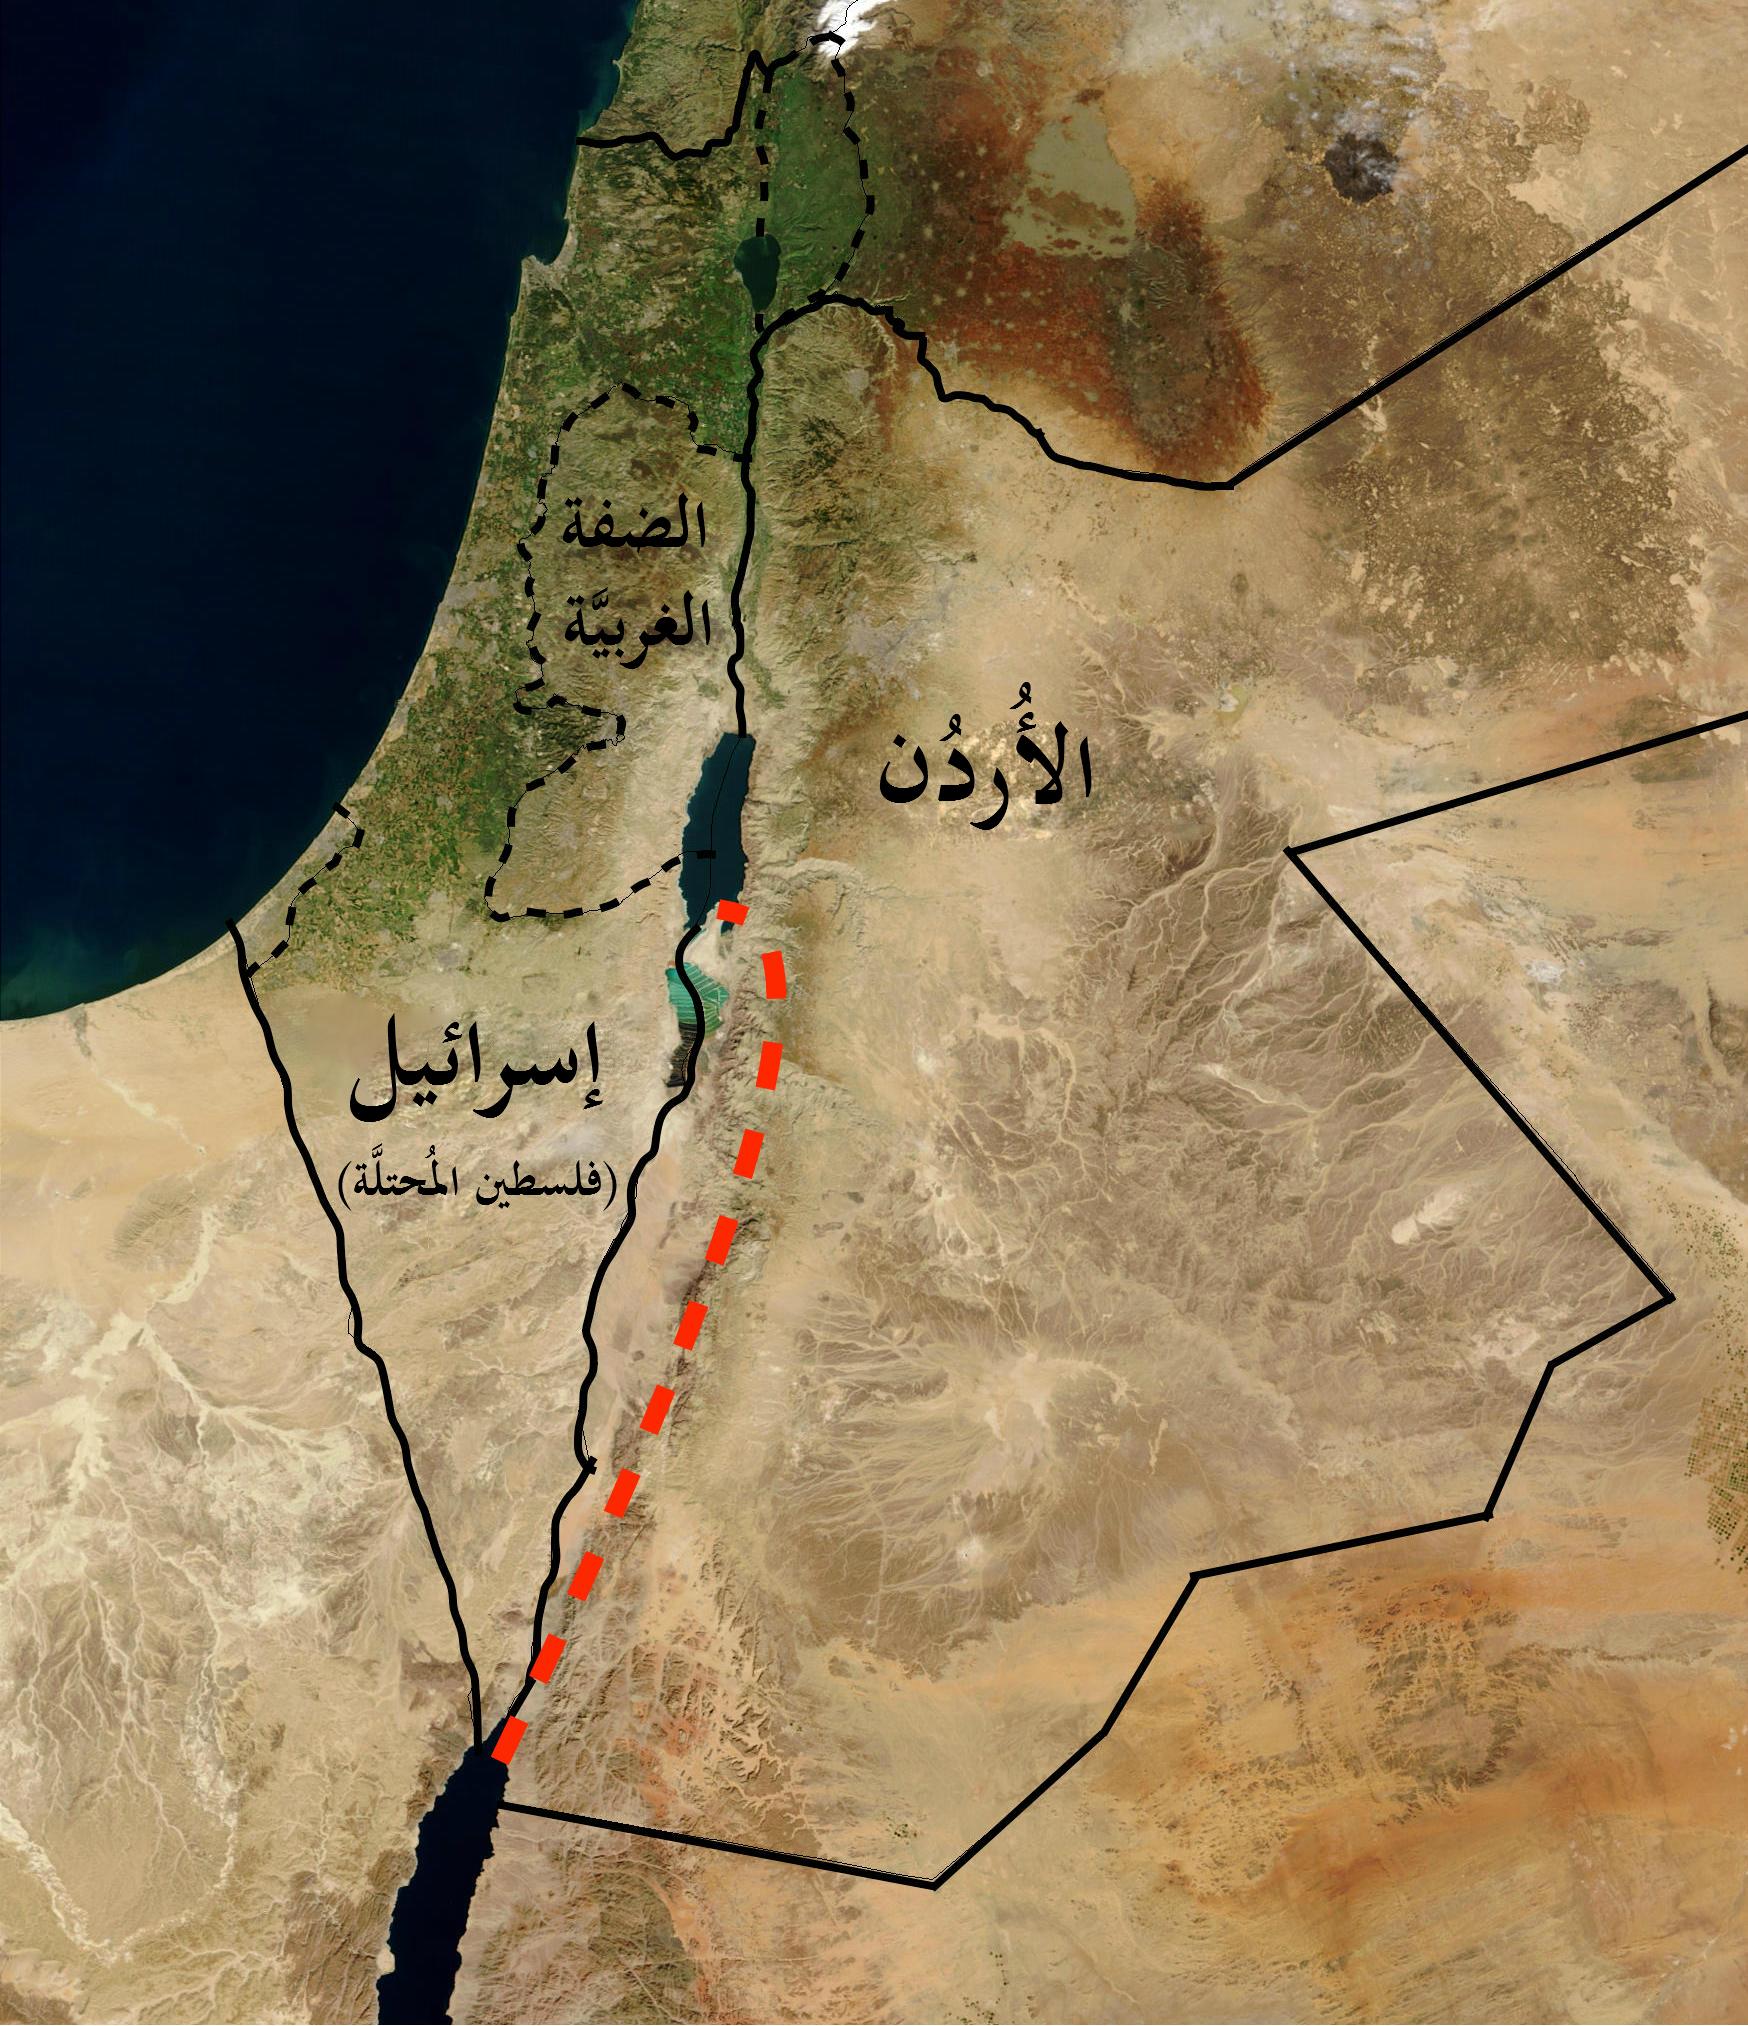 FileRed Sea Dead Sea Canal Maparjpg Wikimedia Commons - Dead sea map